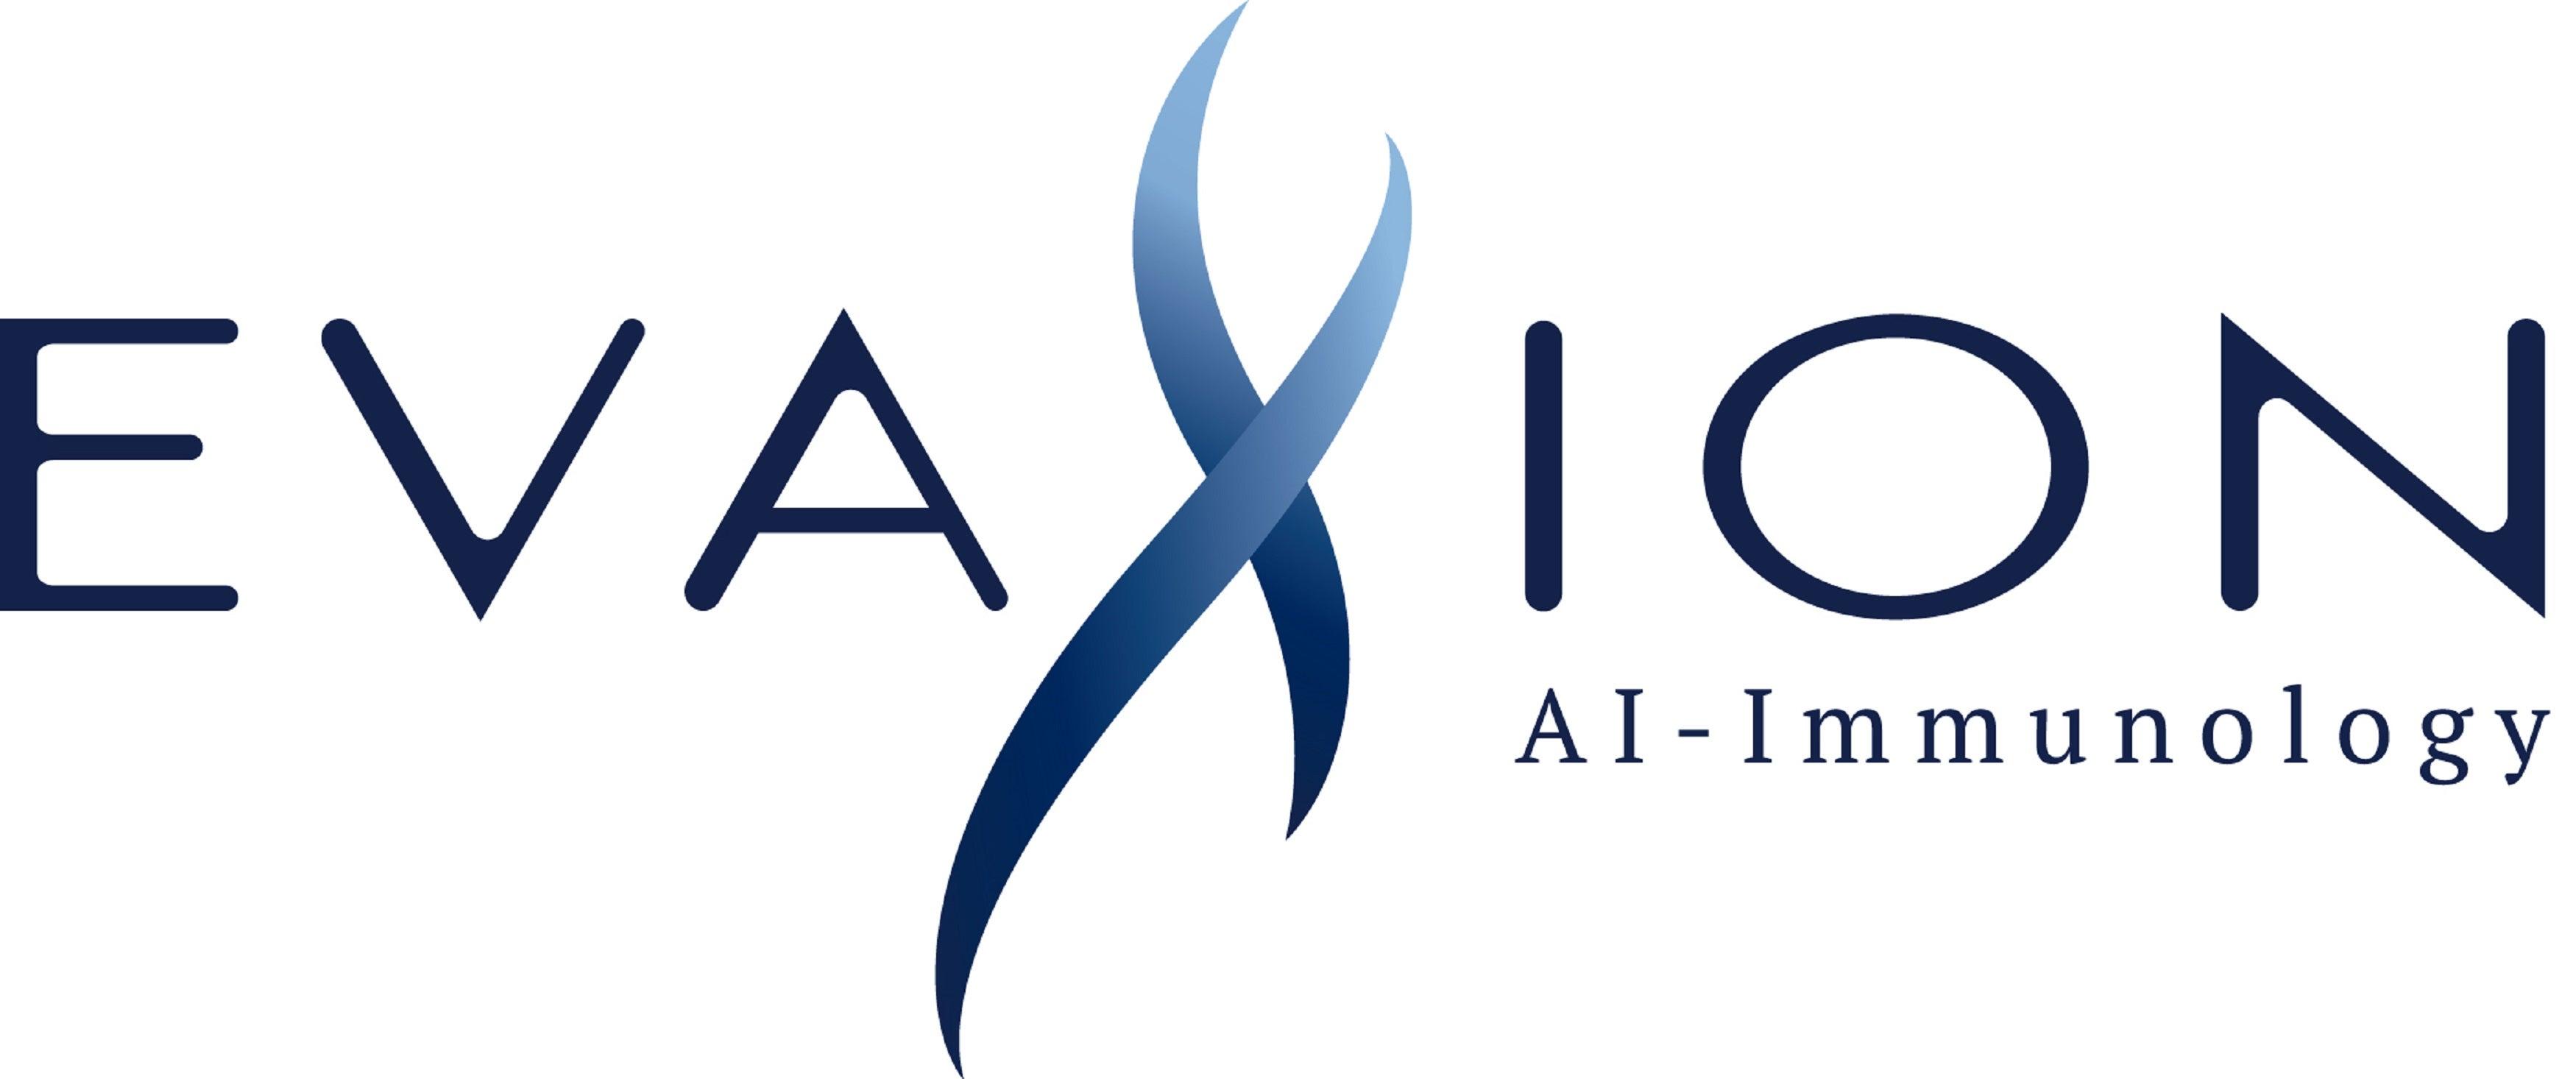 EVAX logo